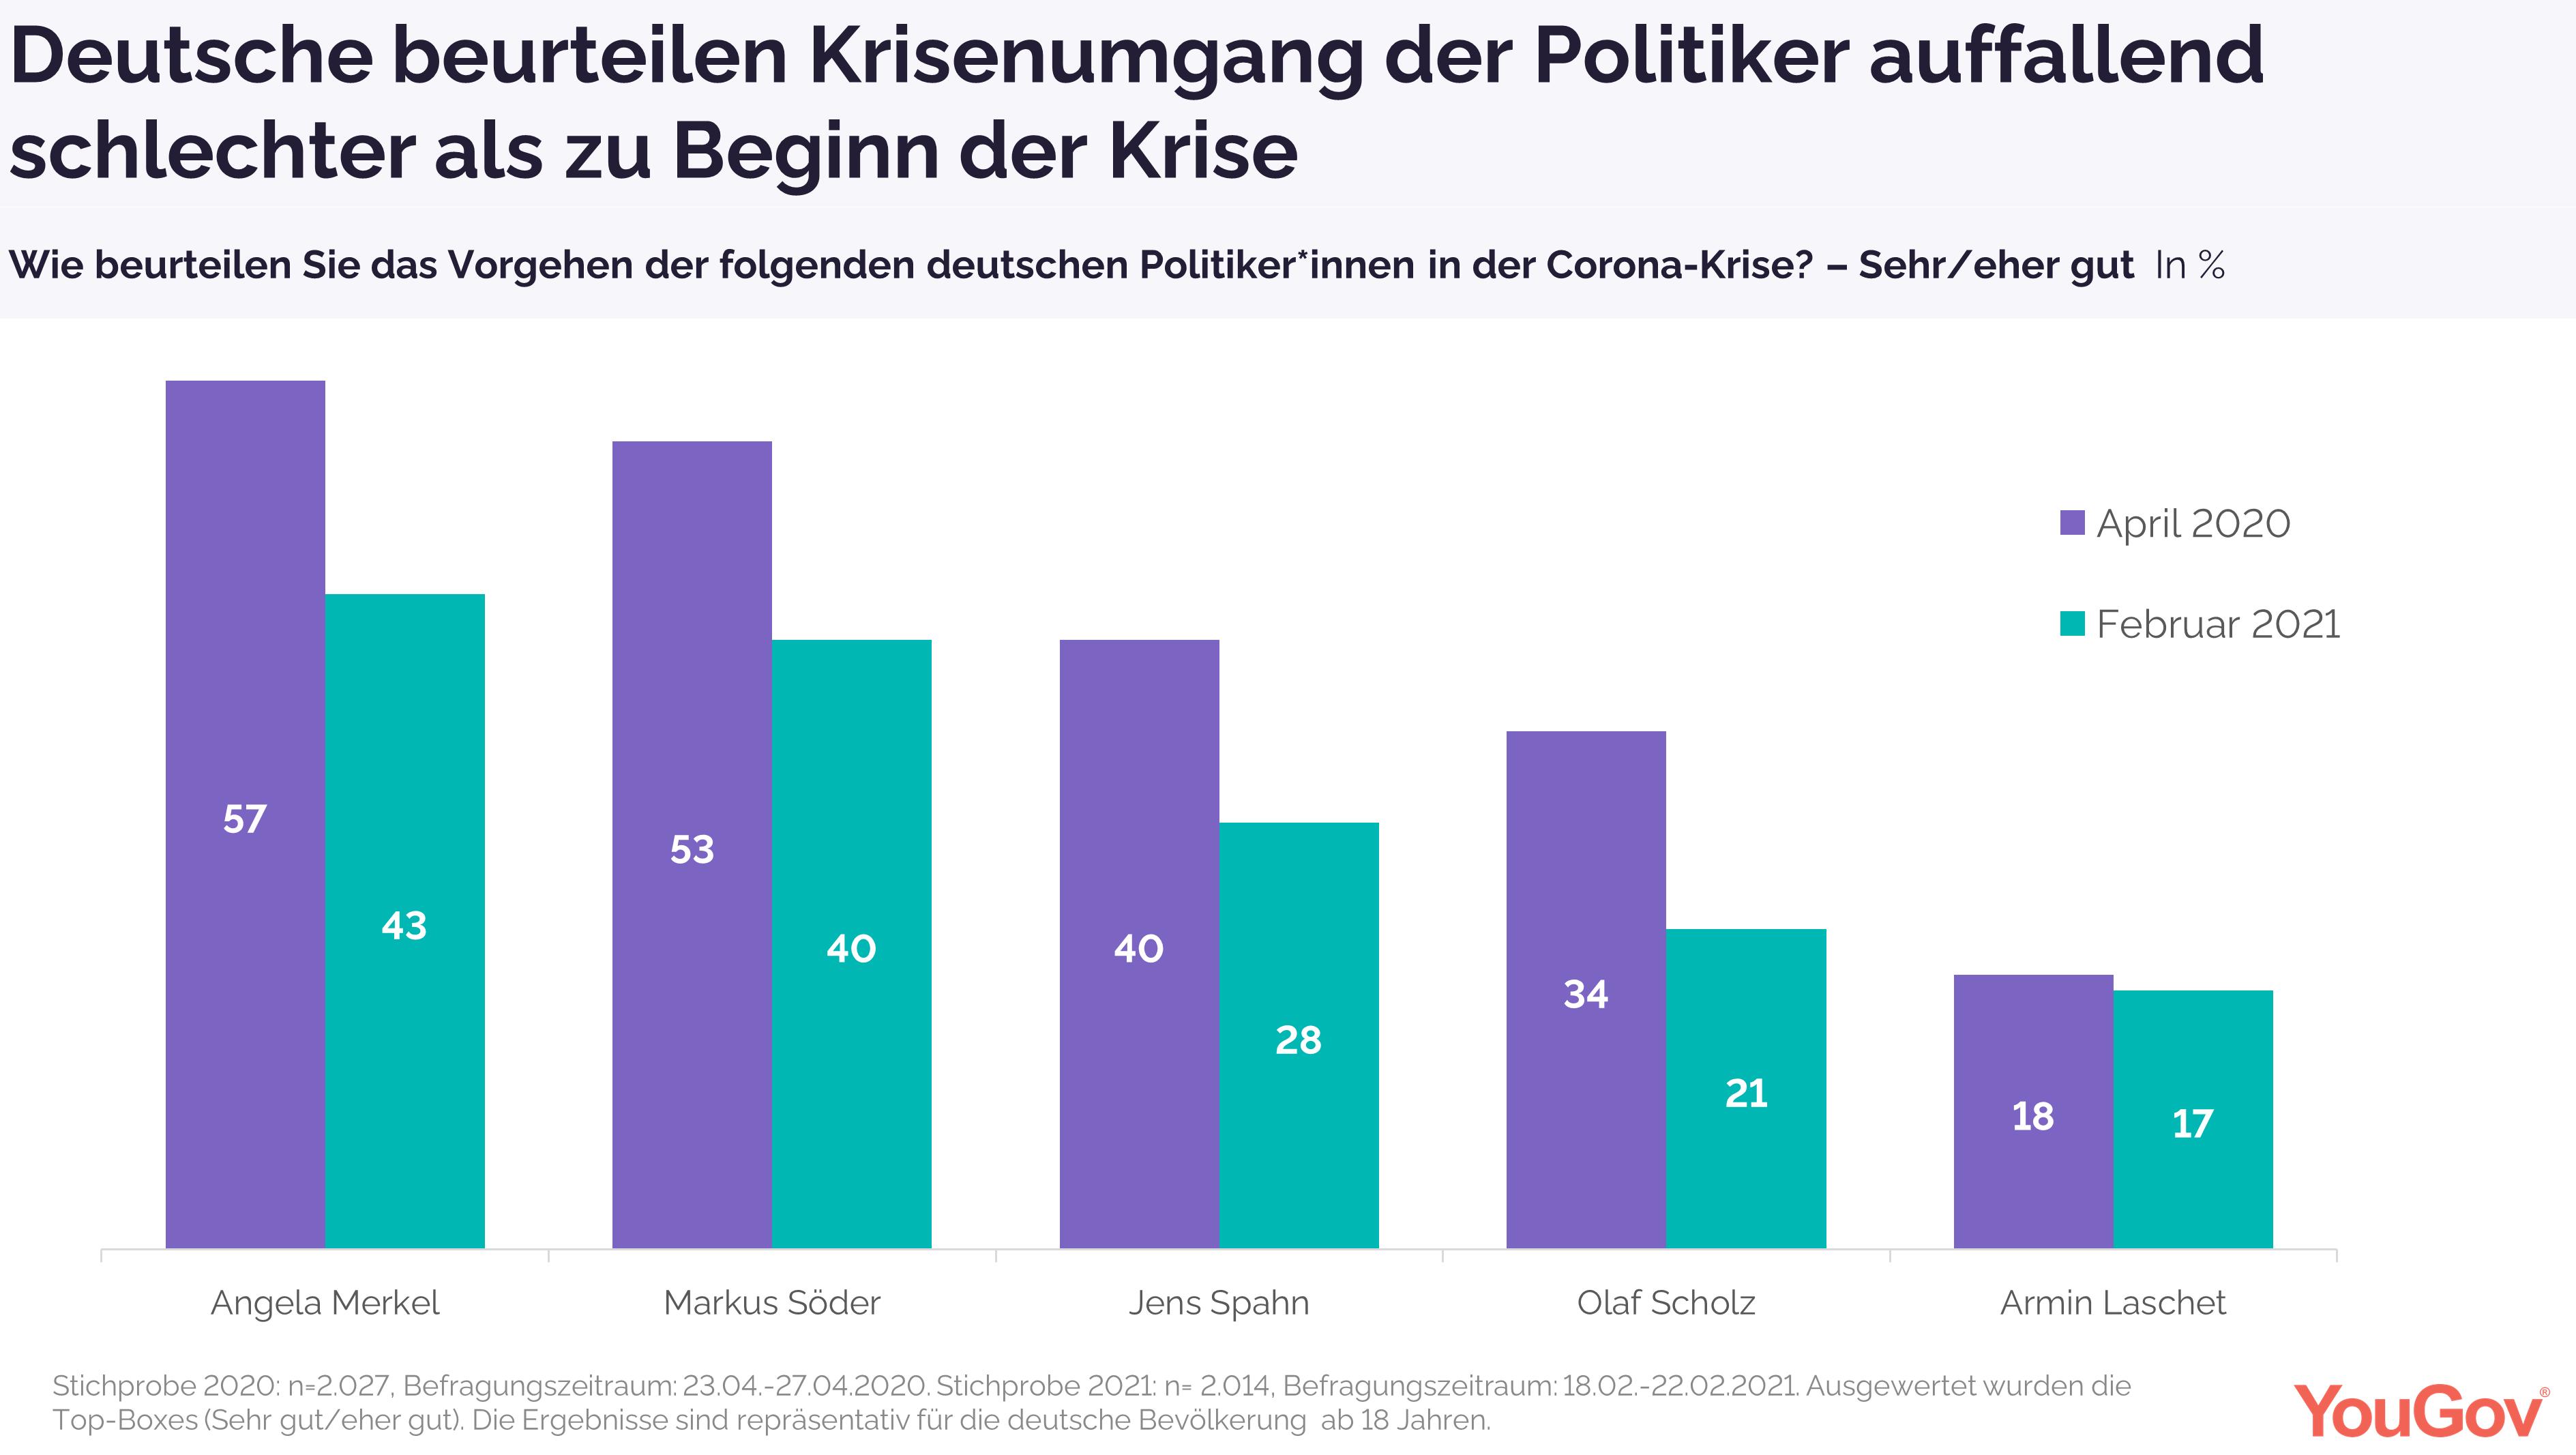 Deutsche beurteilen Krisenumgang von Politikern schlechter